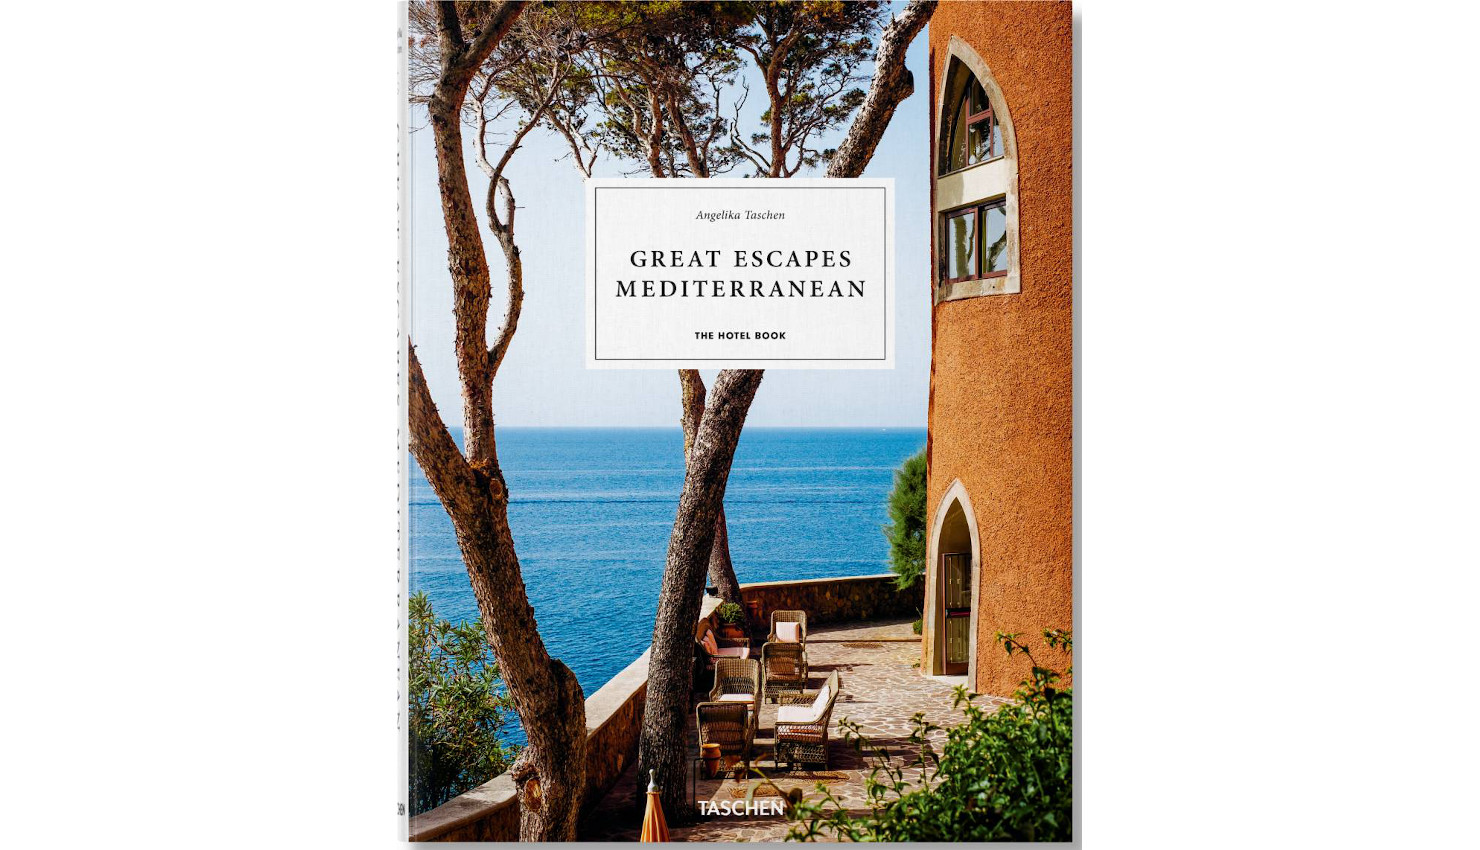 greatescapesmediterranean-taschen-magazinehorse